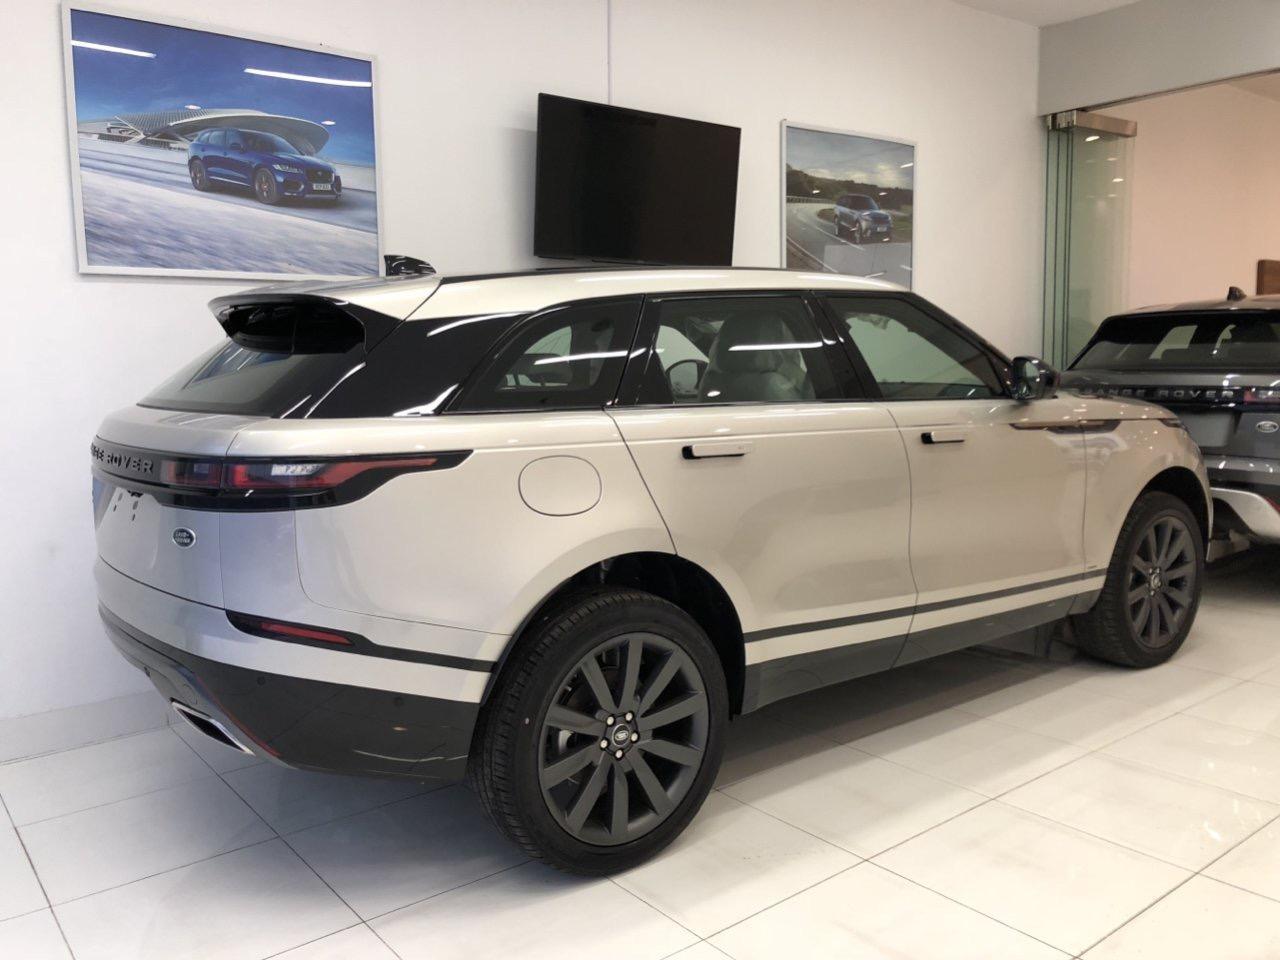 Giá Xe Range Rover Velar 2.0 màu Aruba Bản Rẻ Nhất Đời 2020 Bao nhiêu Tiền tính cả lăn bánh và bao gồm các chi phí biển số, xe range rover màu nao đẹp,nhất giá bao bảo dưỡng sửa chữa có đắt hay không, địa chỉ bảo dưỡng ở đâu, 172 Hoàng Quốc Việt, Quận 7, TP Hồ Chí minh,